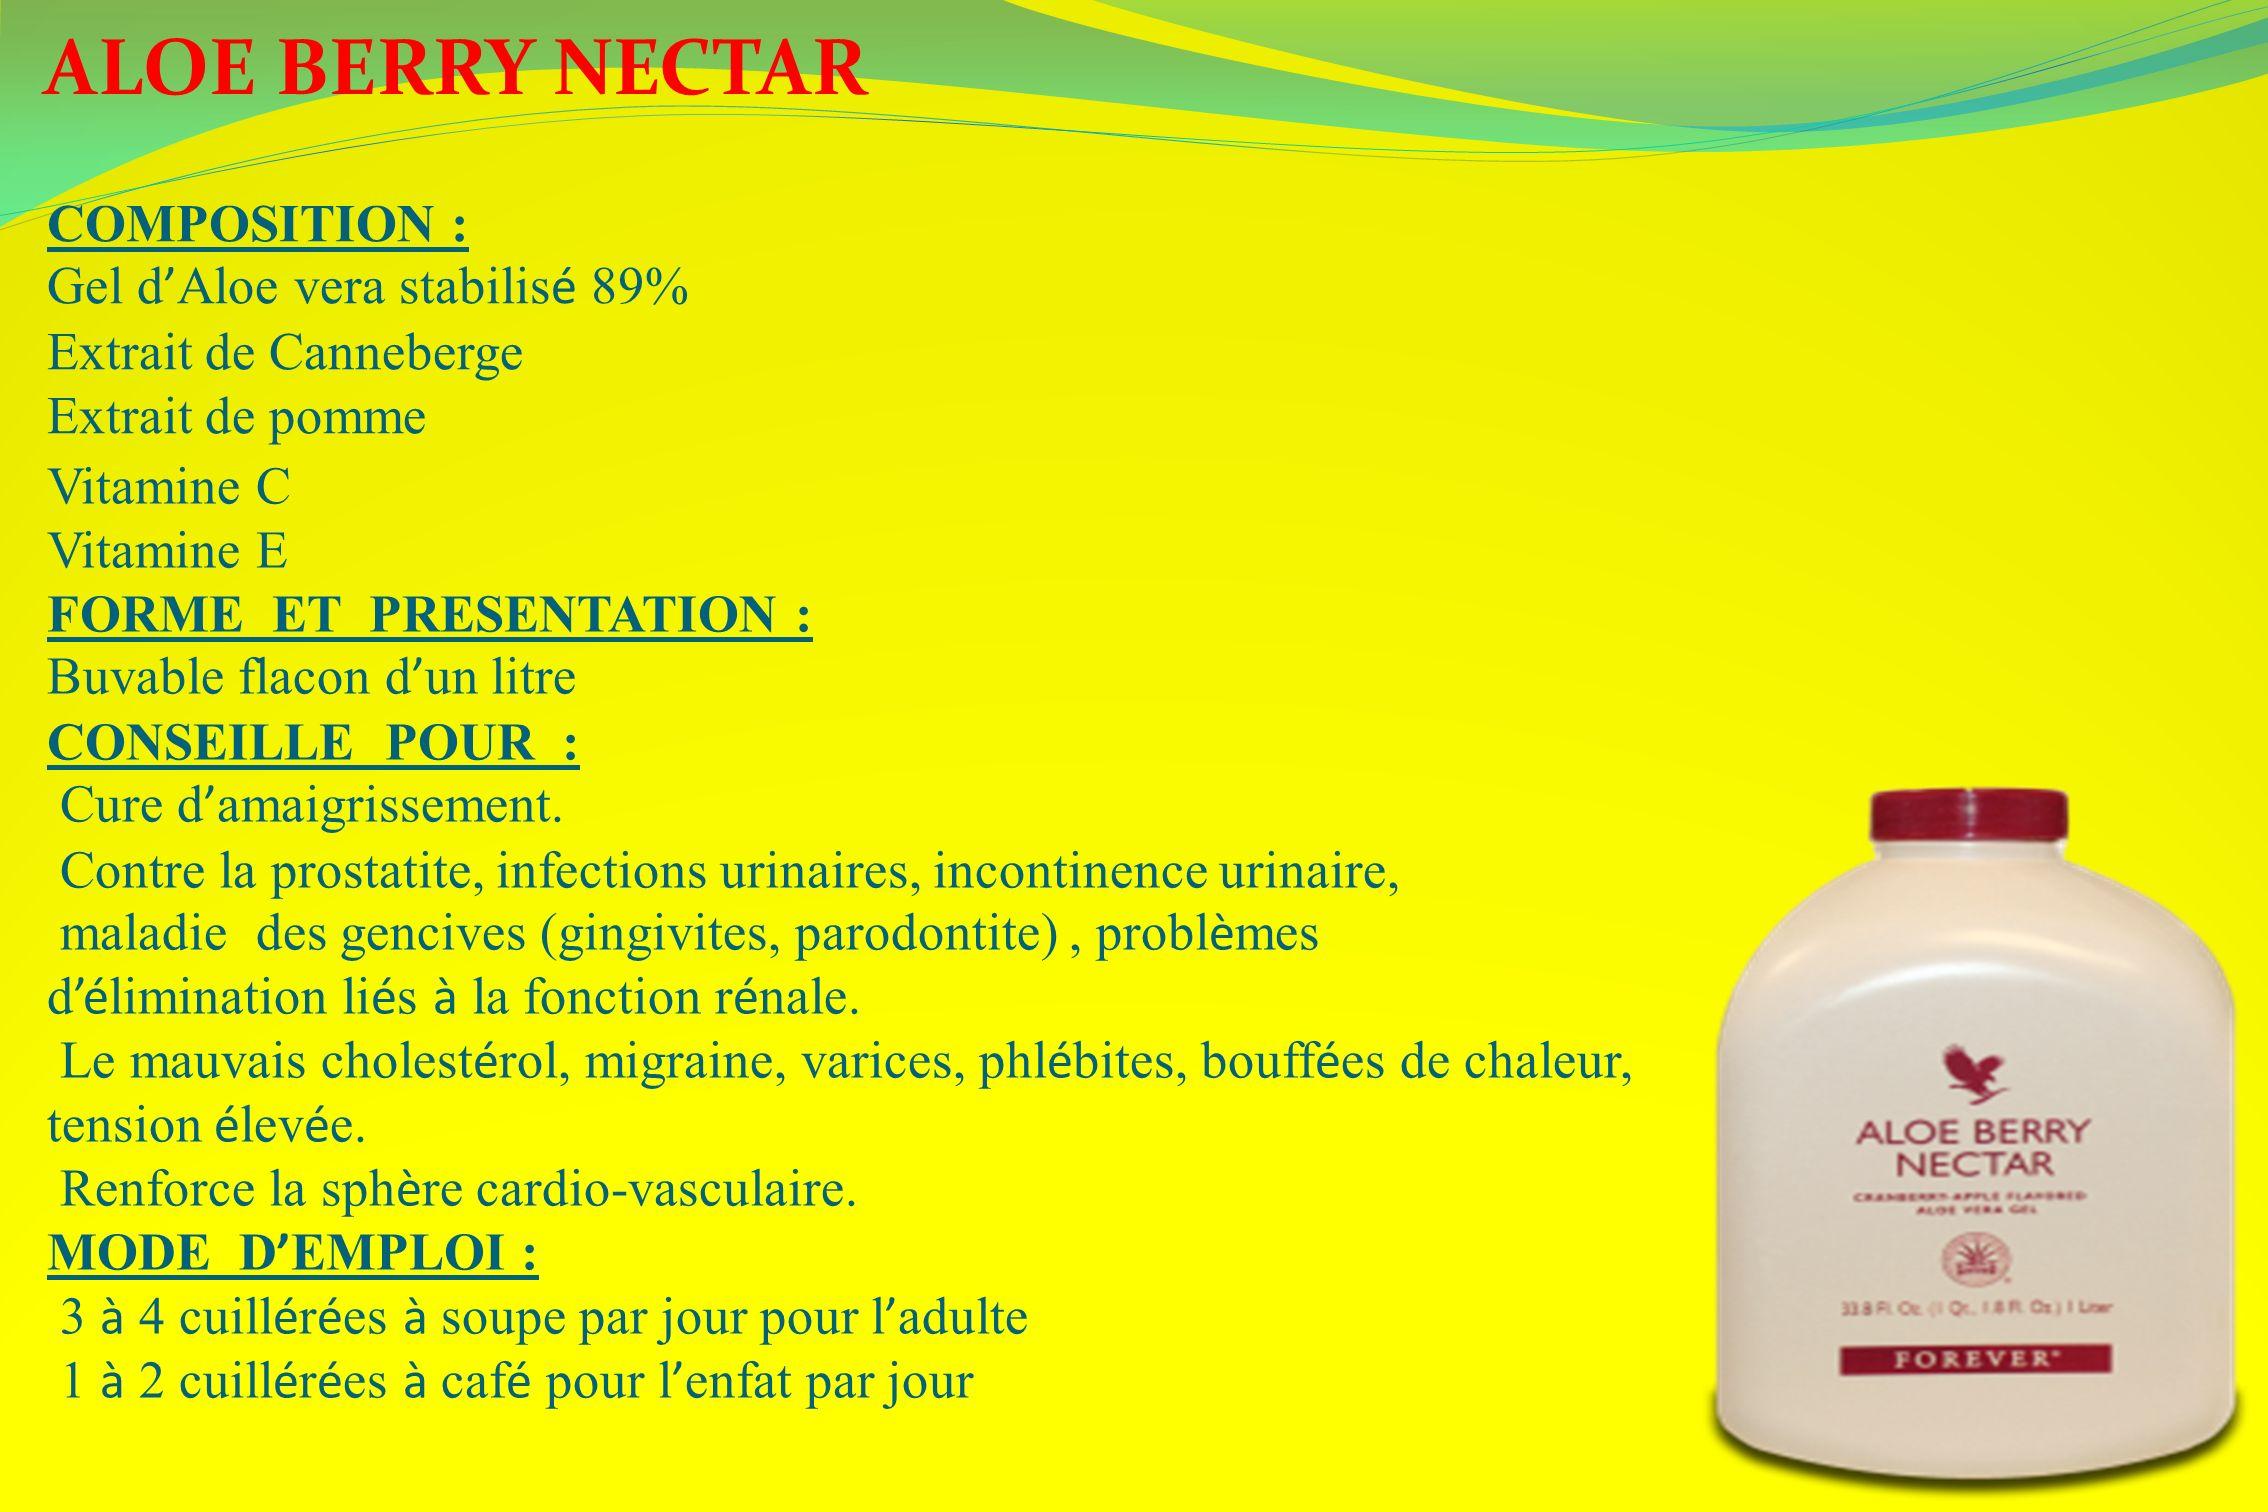 ALOE BERRY NECTAR COMPOSITION : Gel d Aloe vera stabilis é 89% Extrait de Canneberge Extrait de pomme Vitamine C Vitamine E FORME ET PRESENTATION : Bu